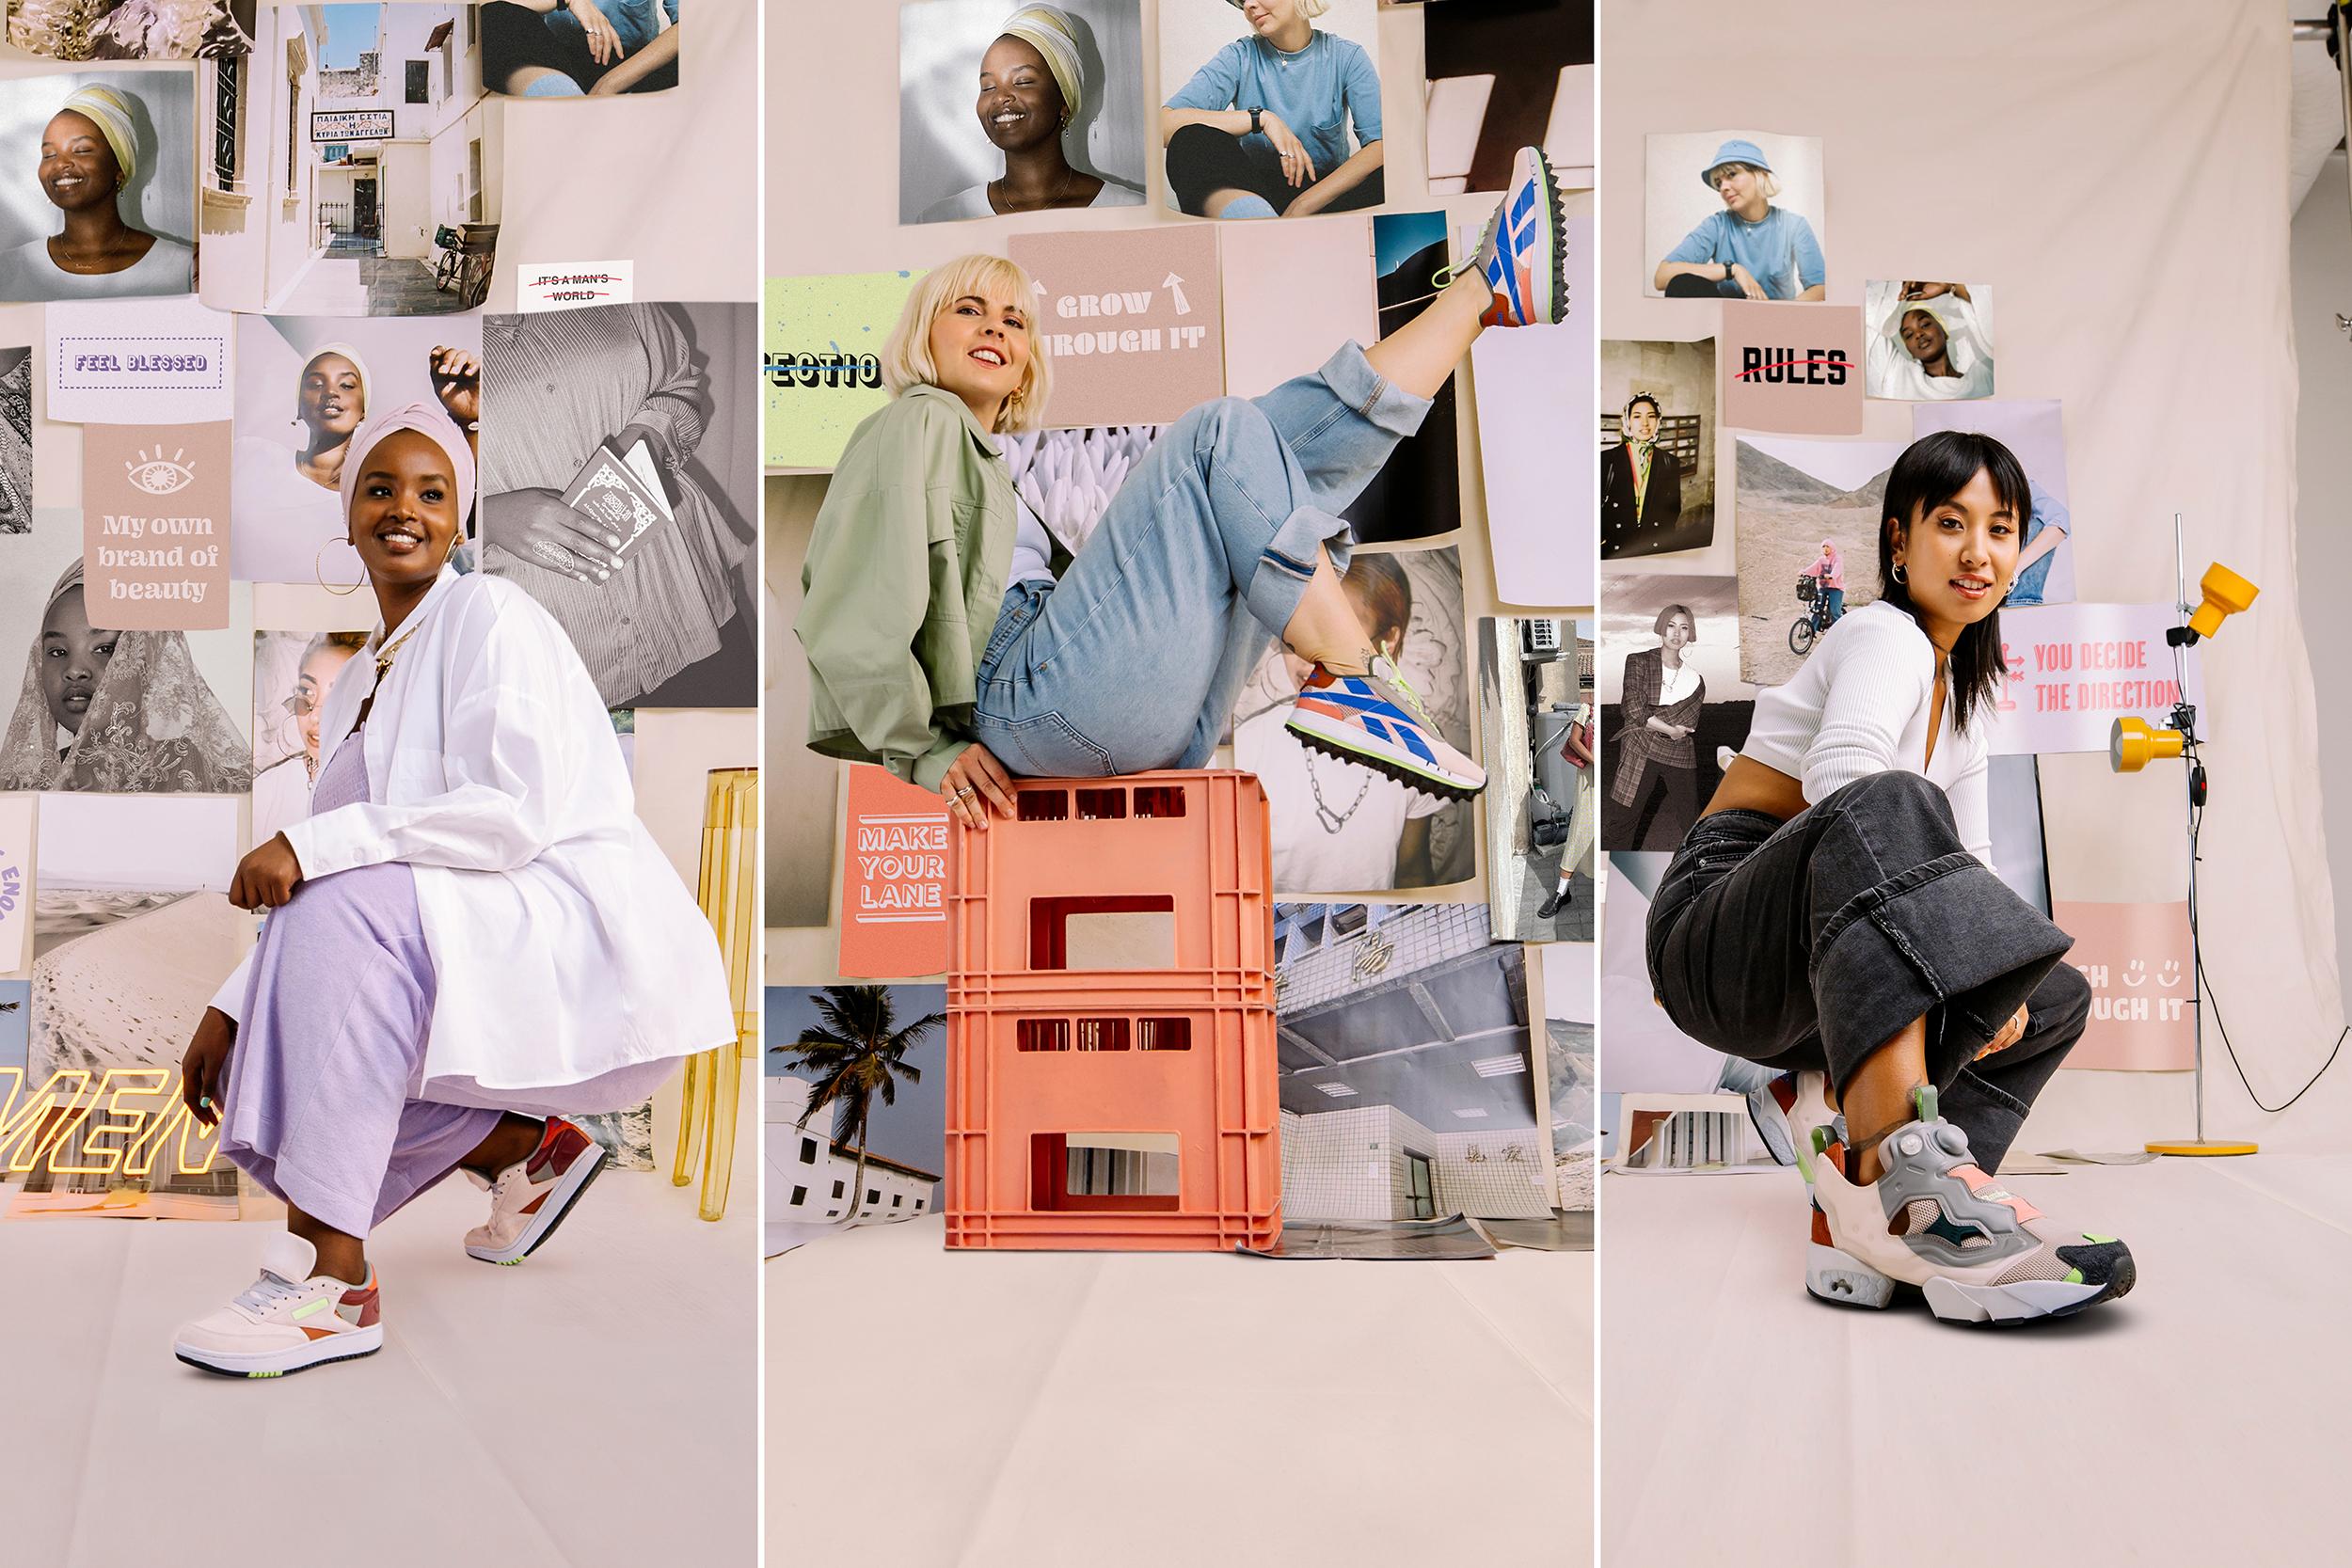 Esta nueva campaña de Reebok empodera a las mujeres, ¿ya la viste?